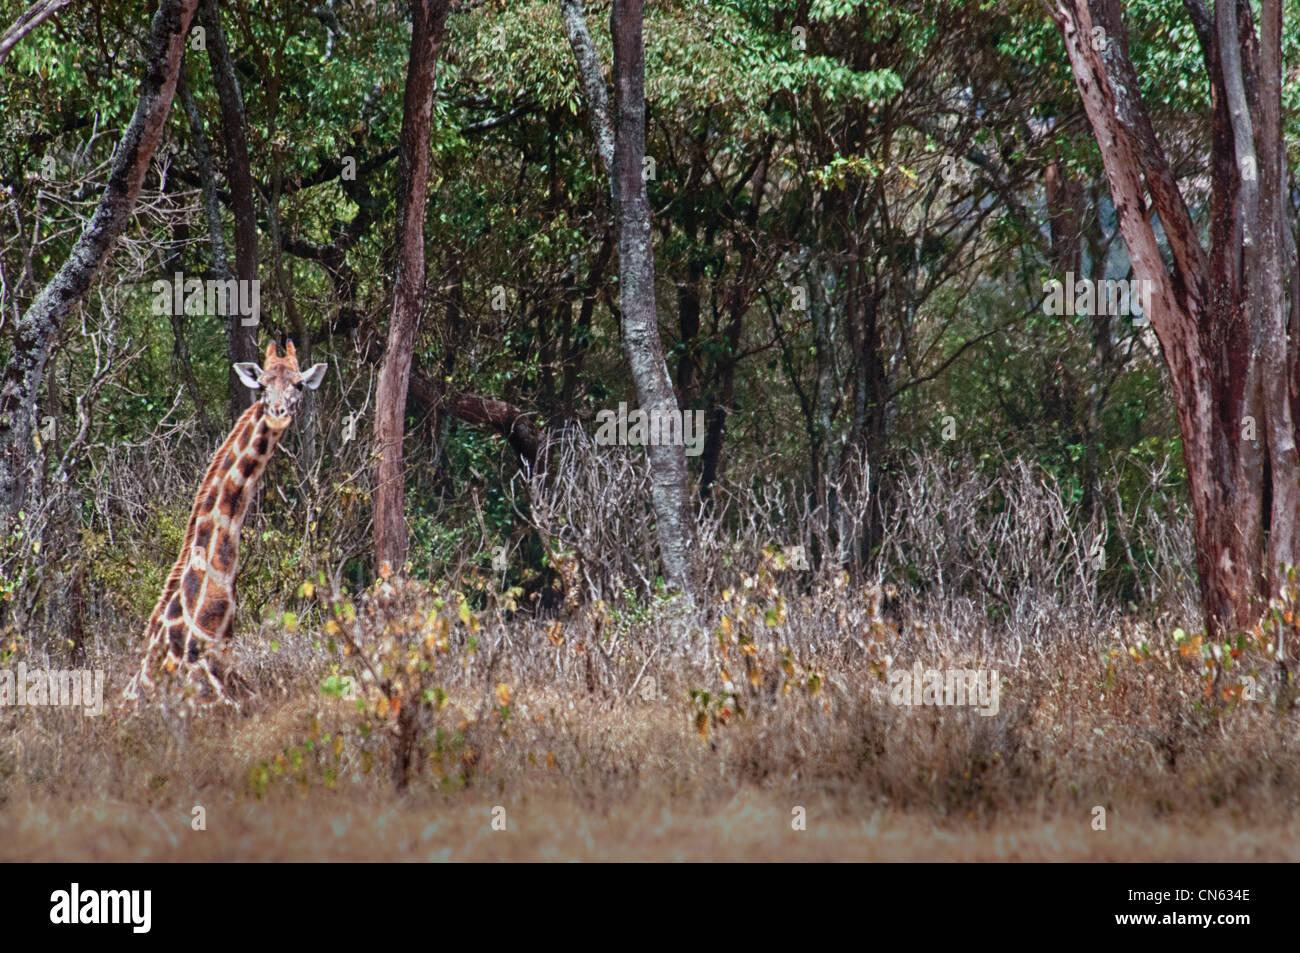 rothschild-or-baringo-giraffe-giraffa-ca